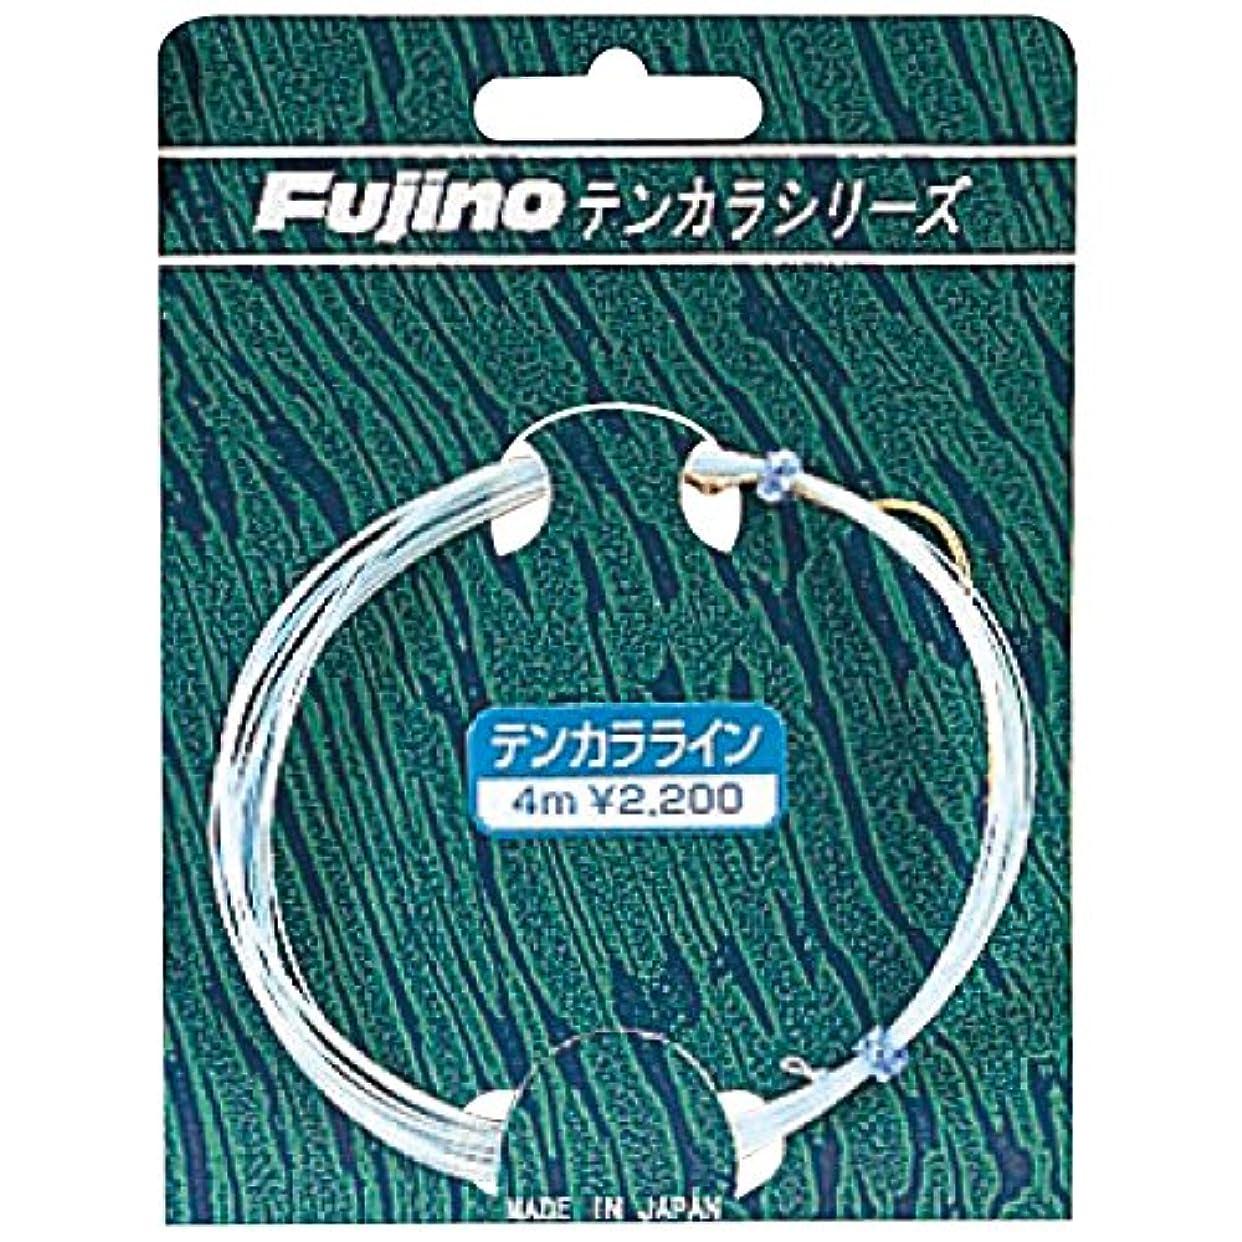 カリング引退する鍔Fujino(フジノ) ライン テンカラライン アイスブルー 4.5m